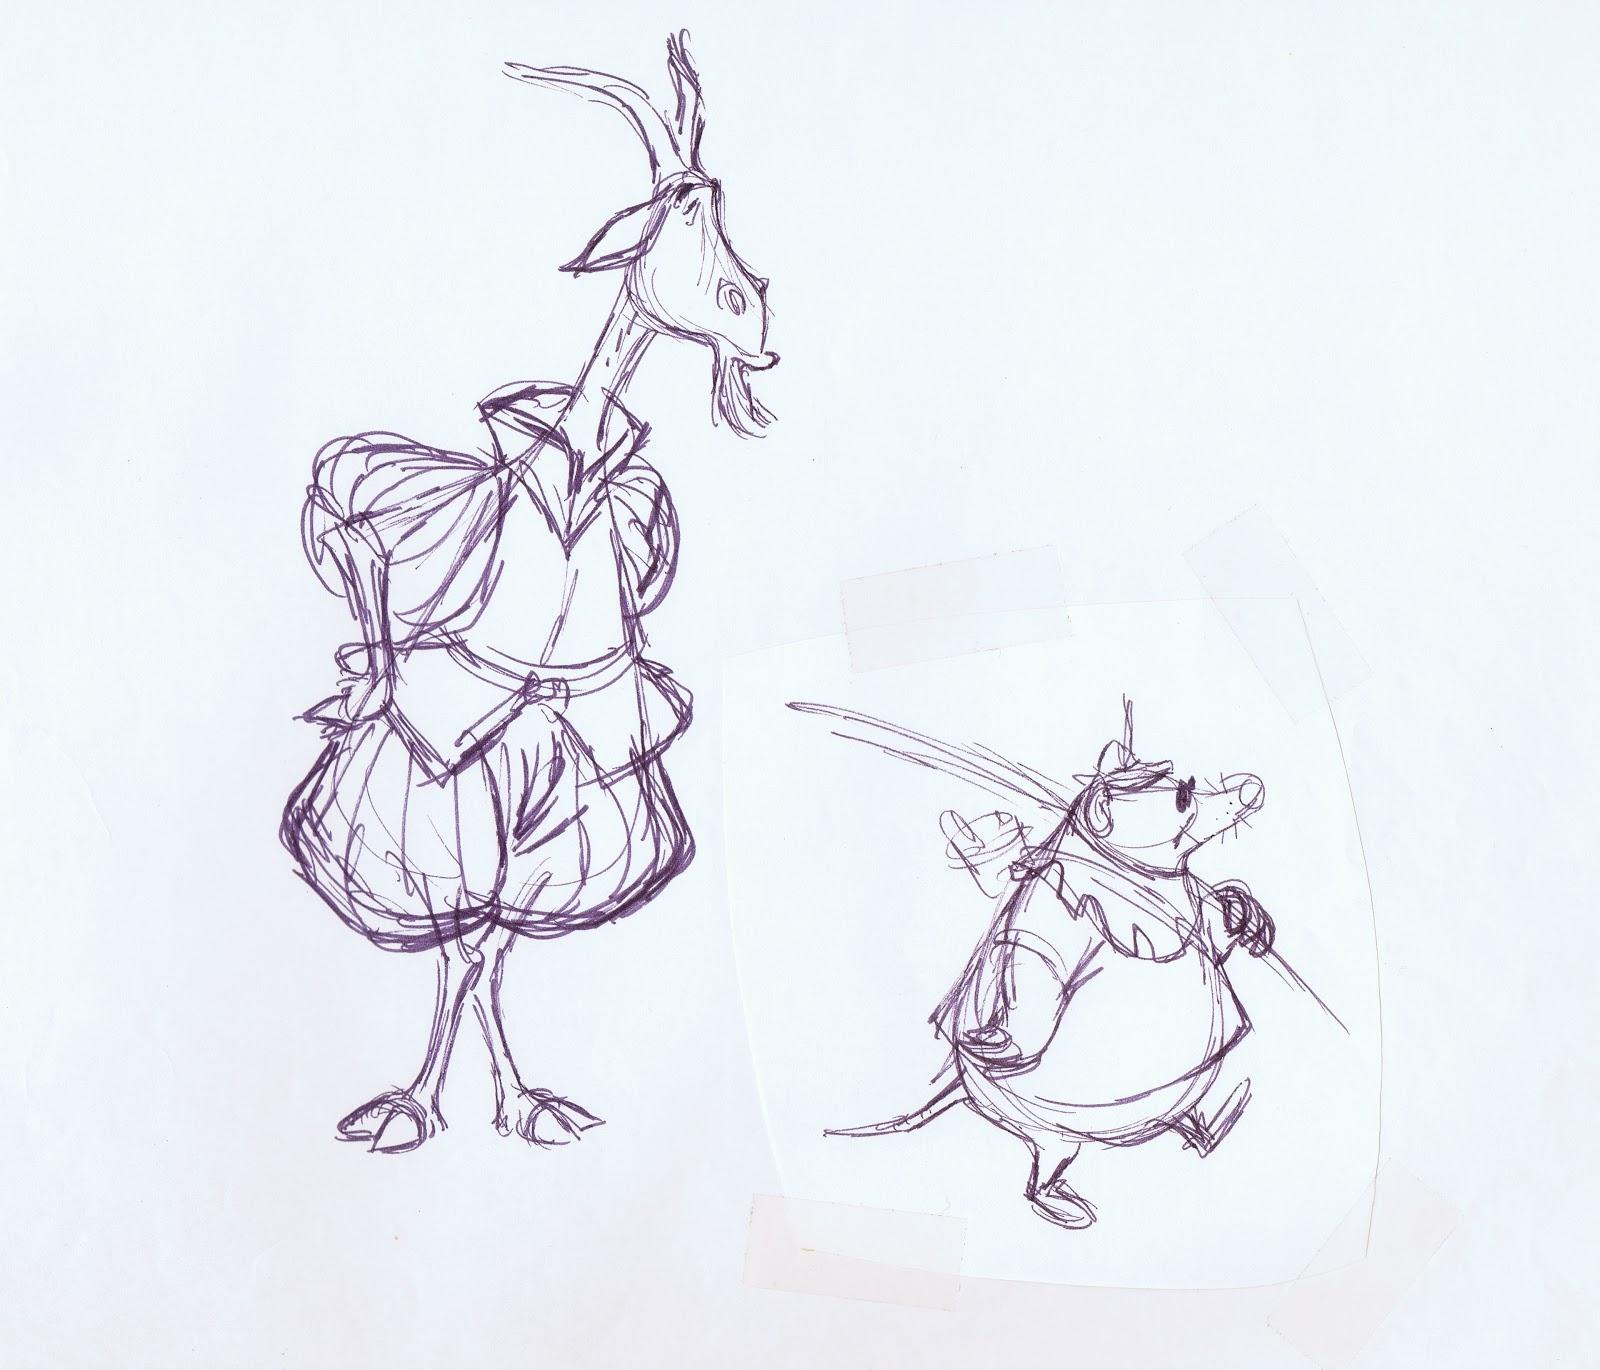 Character Design Progettazione Dei Personaggi Pdf : Arcieritalia robin hood studio dei personaggi walt disney